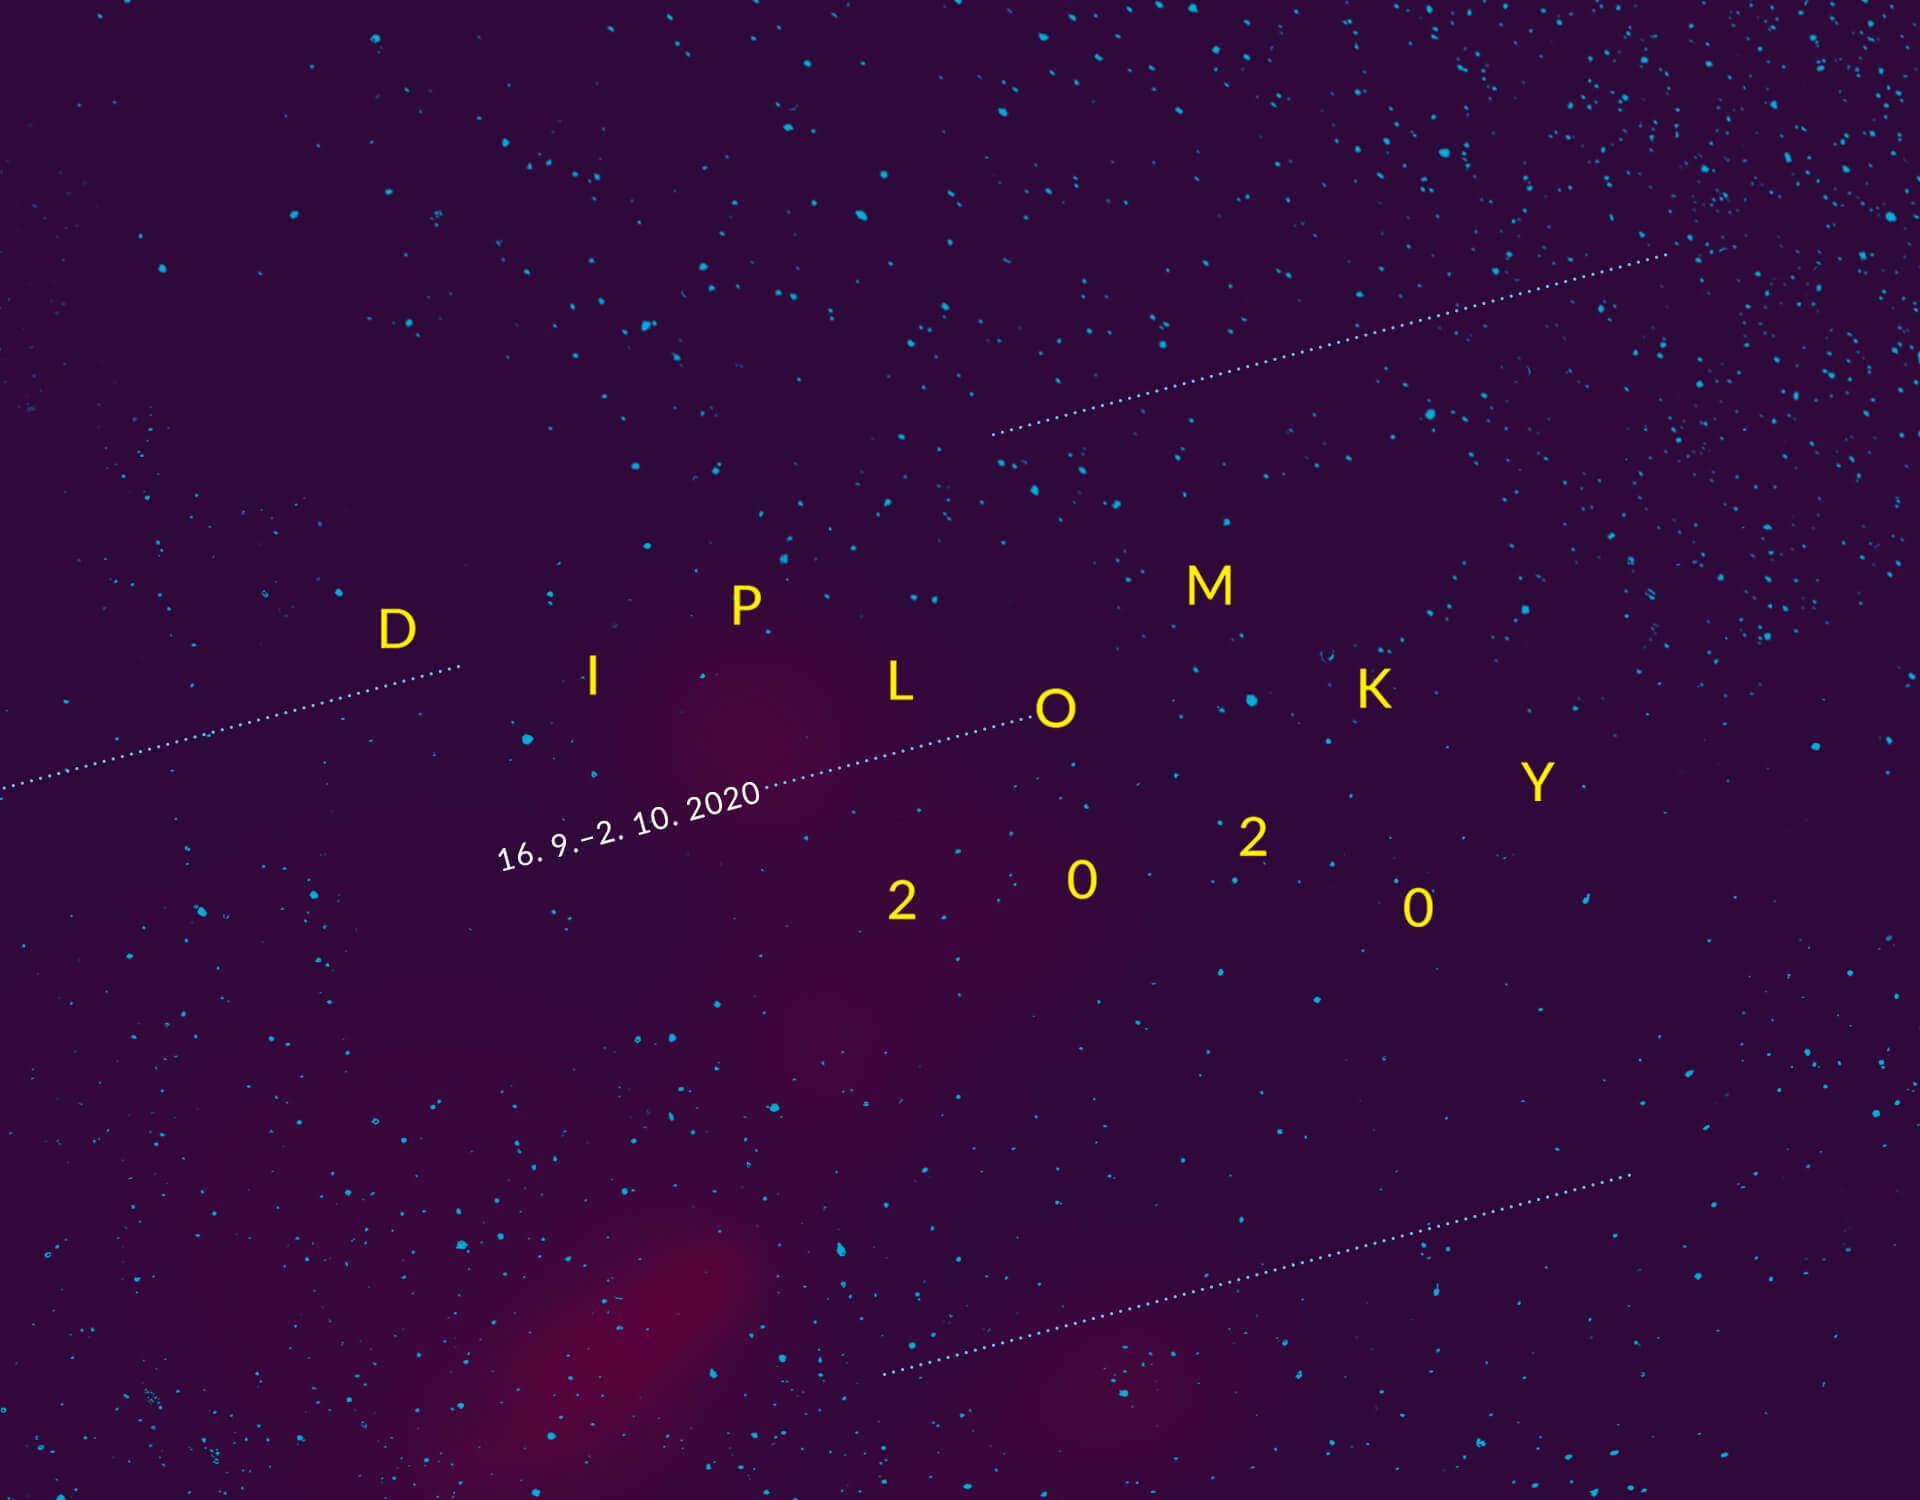 Banner Diplomky 2020